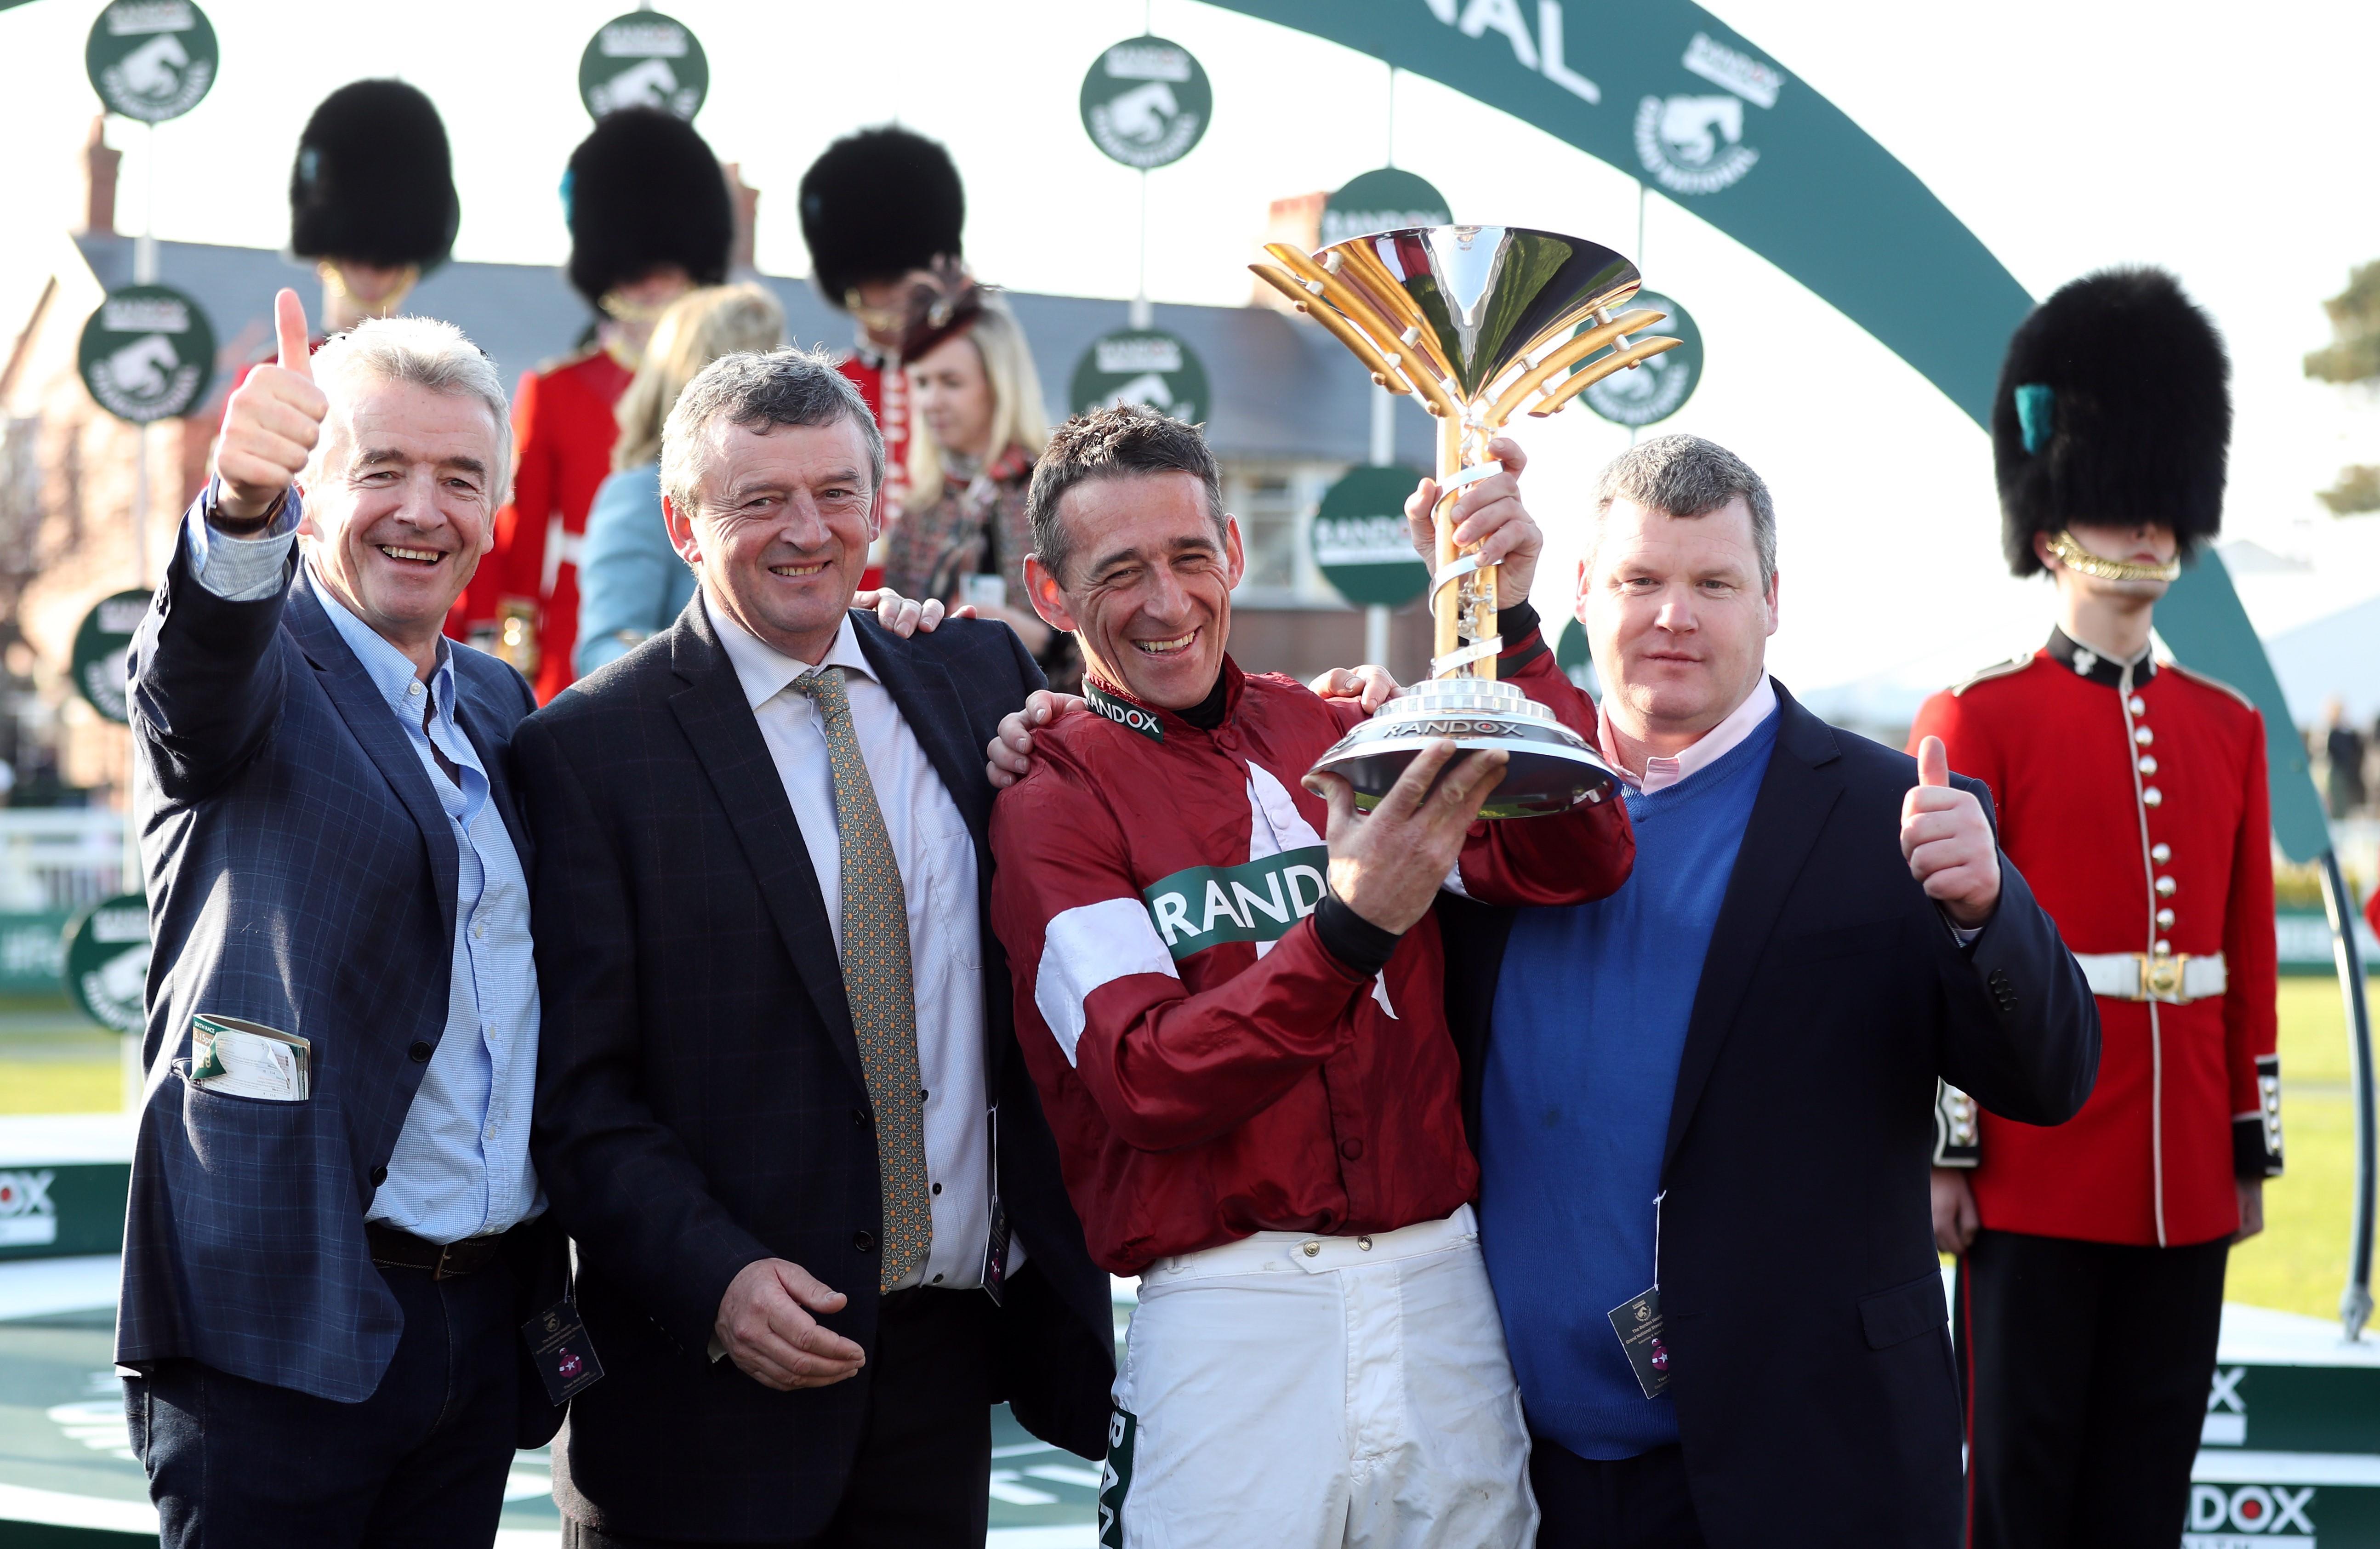 Şampiyonlar kupalarıyla: At sahibi Michael O'Leary, jokey Davy Russell ve antrenör George Elliott. (Bu görsel The Jockey Club'ın izniyle kullanılmıştır)